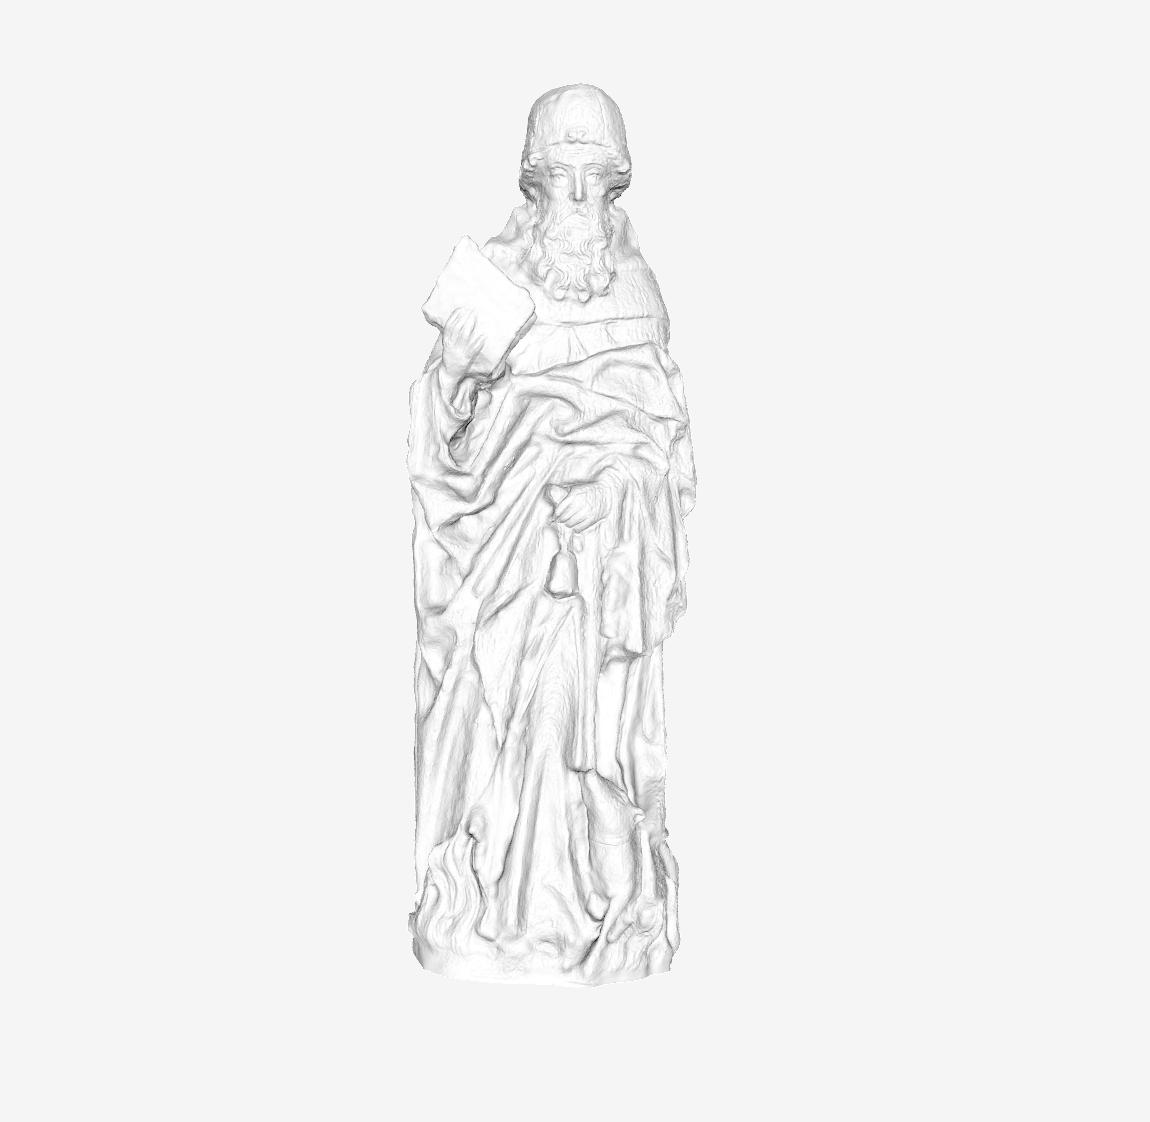 Capture d'écran 2018-09-21 à 17.57.49.png Download free STL file Saint Antoine at The Louvre, Paris • 3D printable model, Louvre